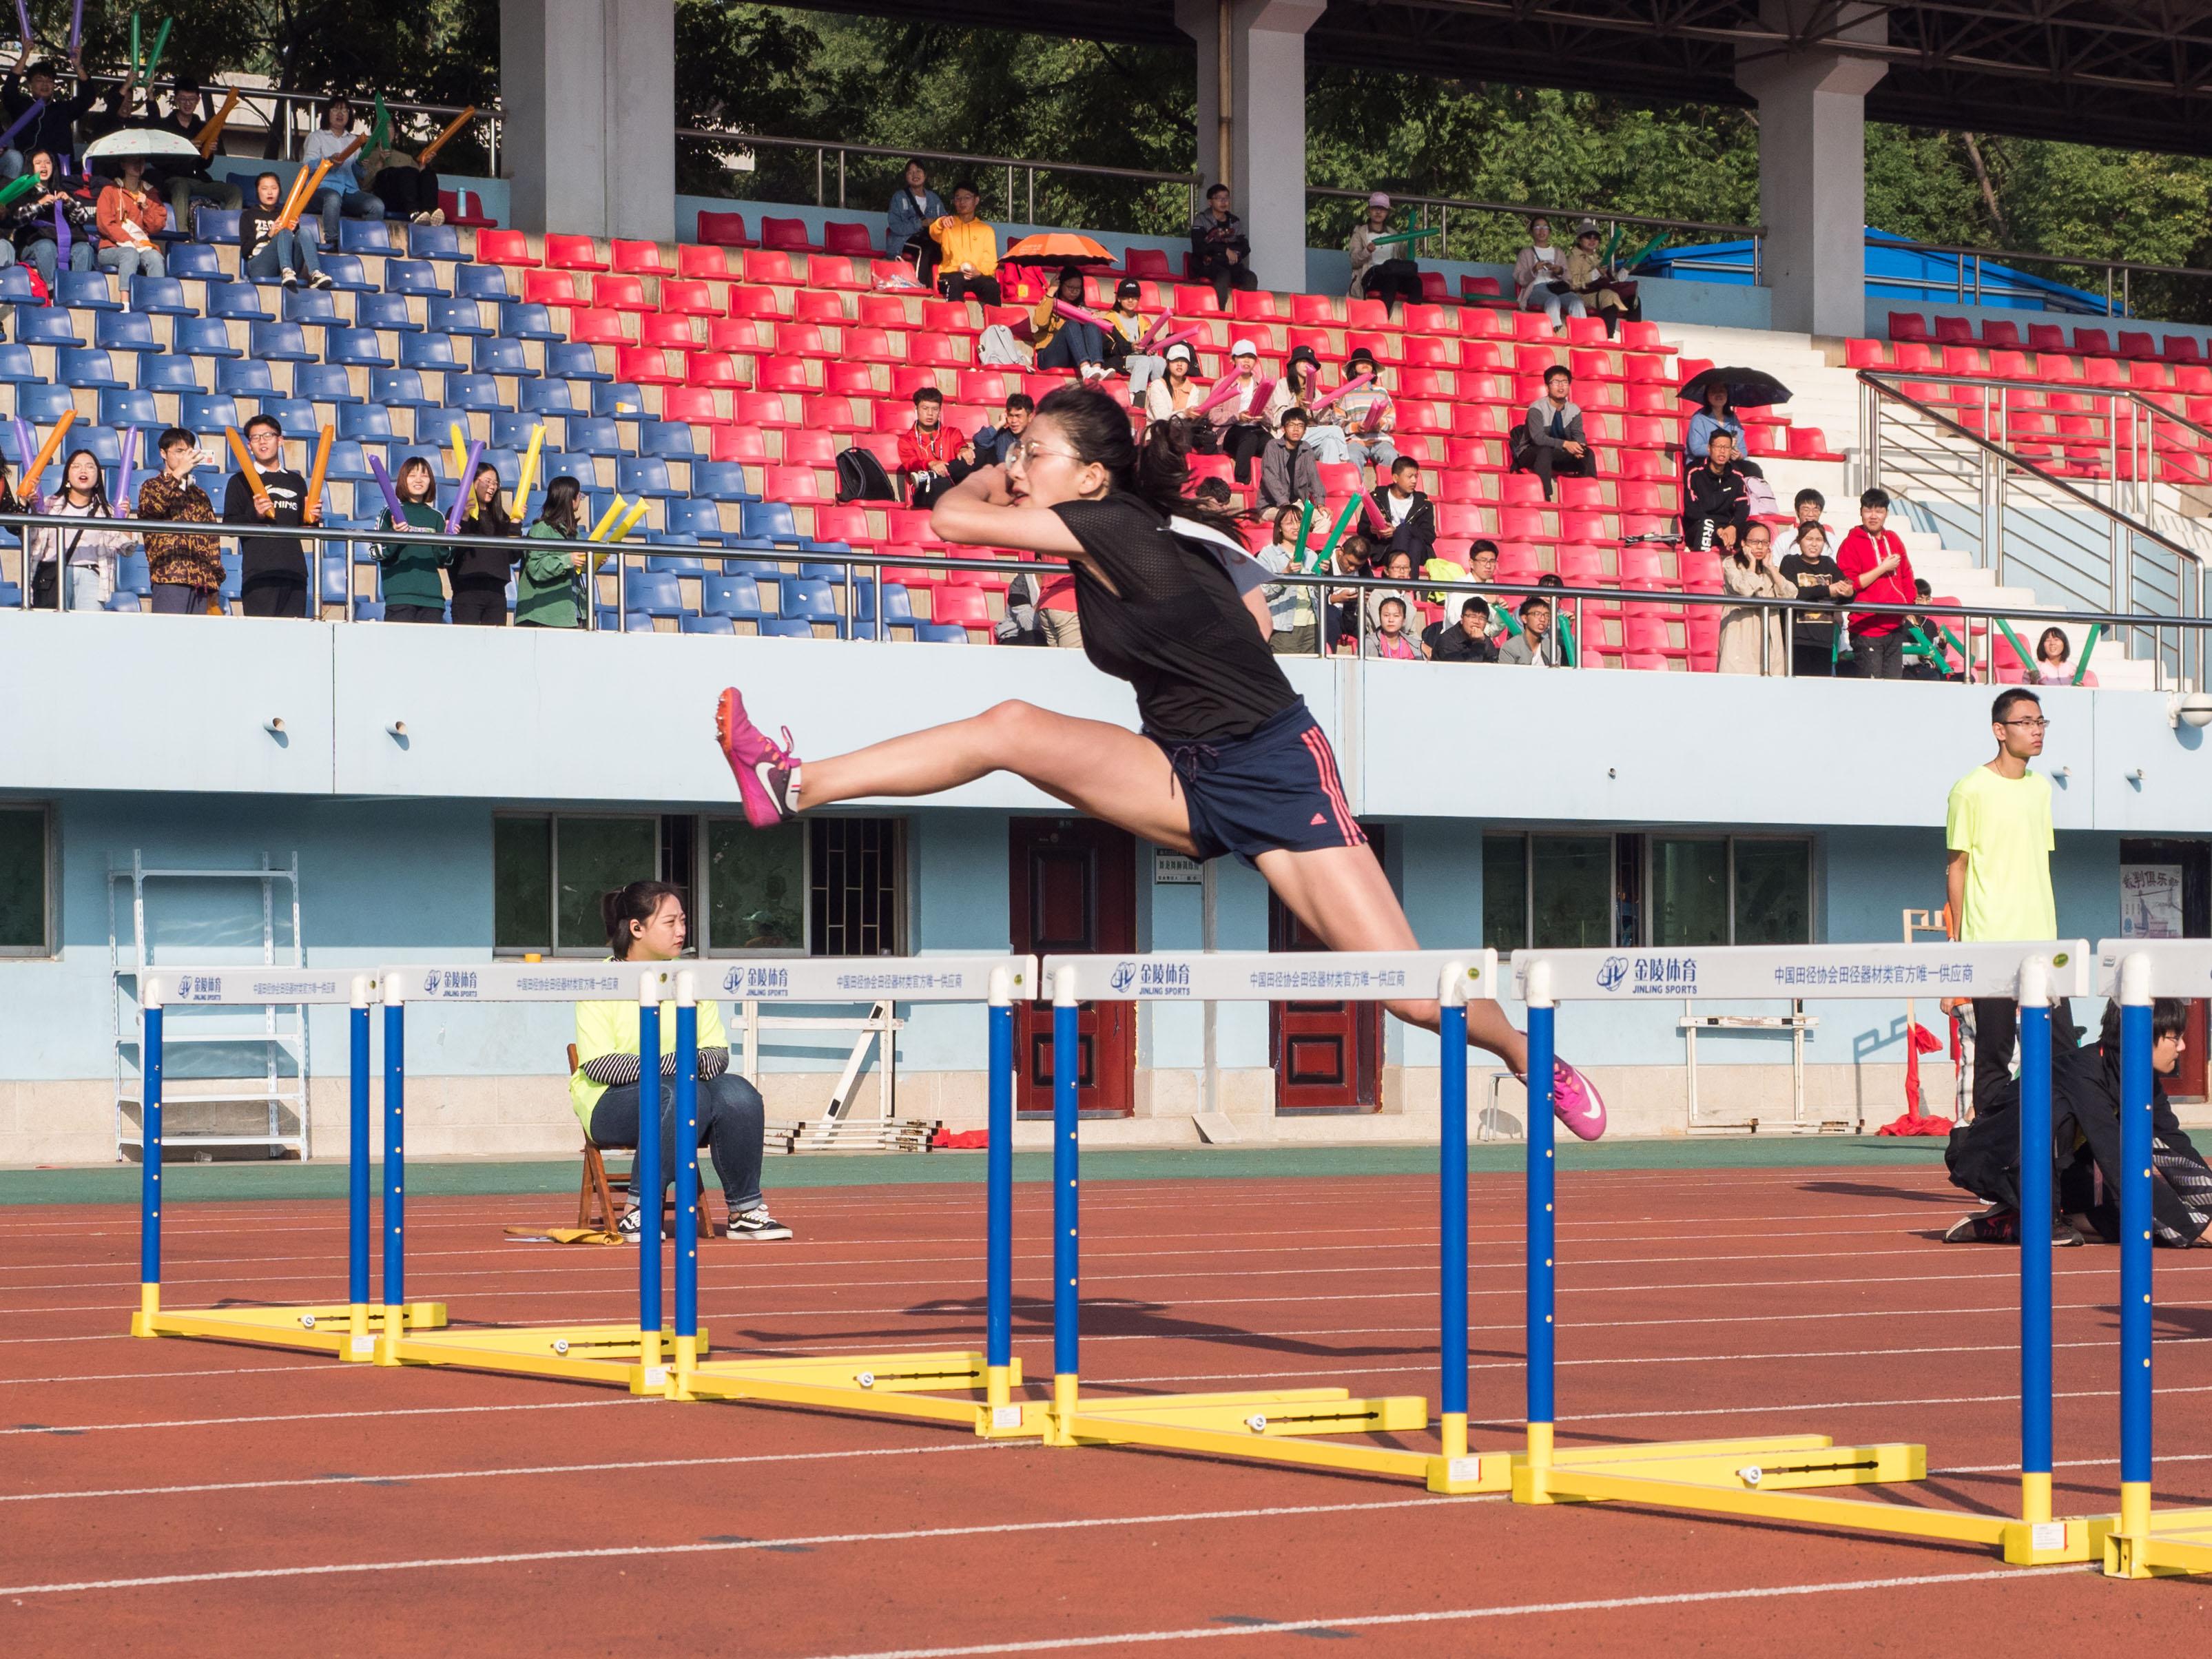 女子100米栏运动员跨栏瞬间(学通社记者 包丞 摄)